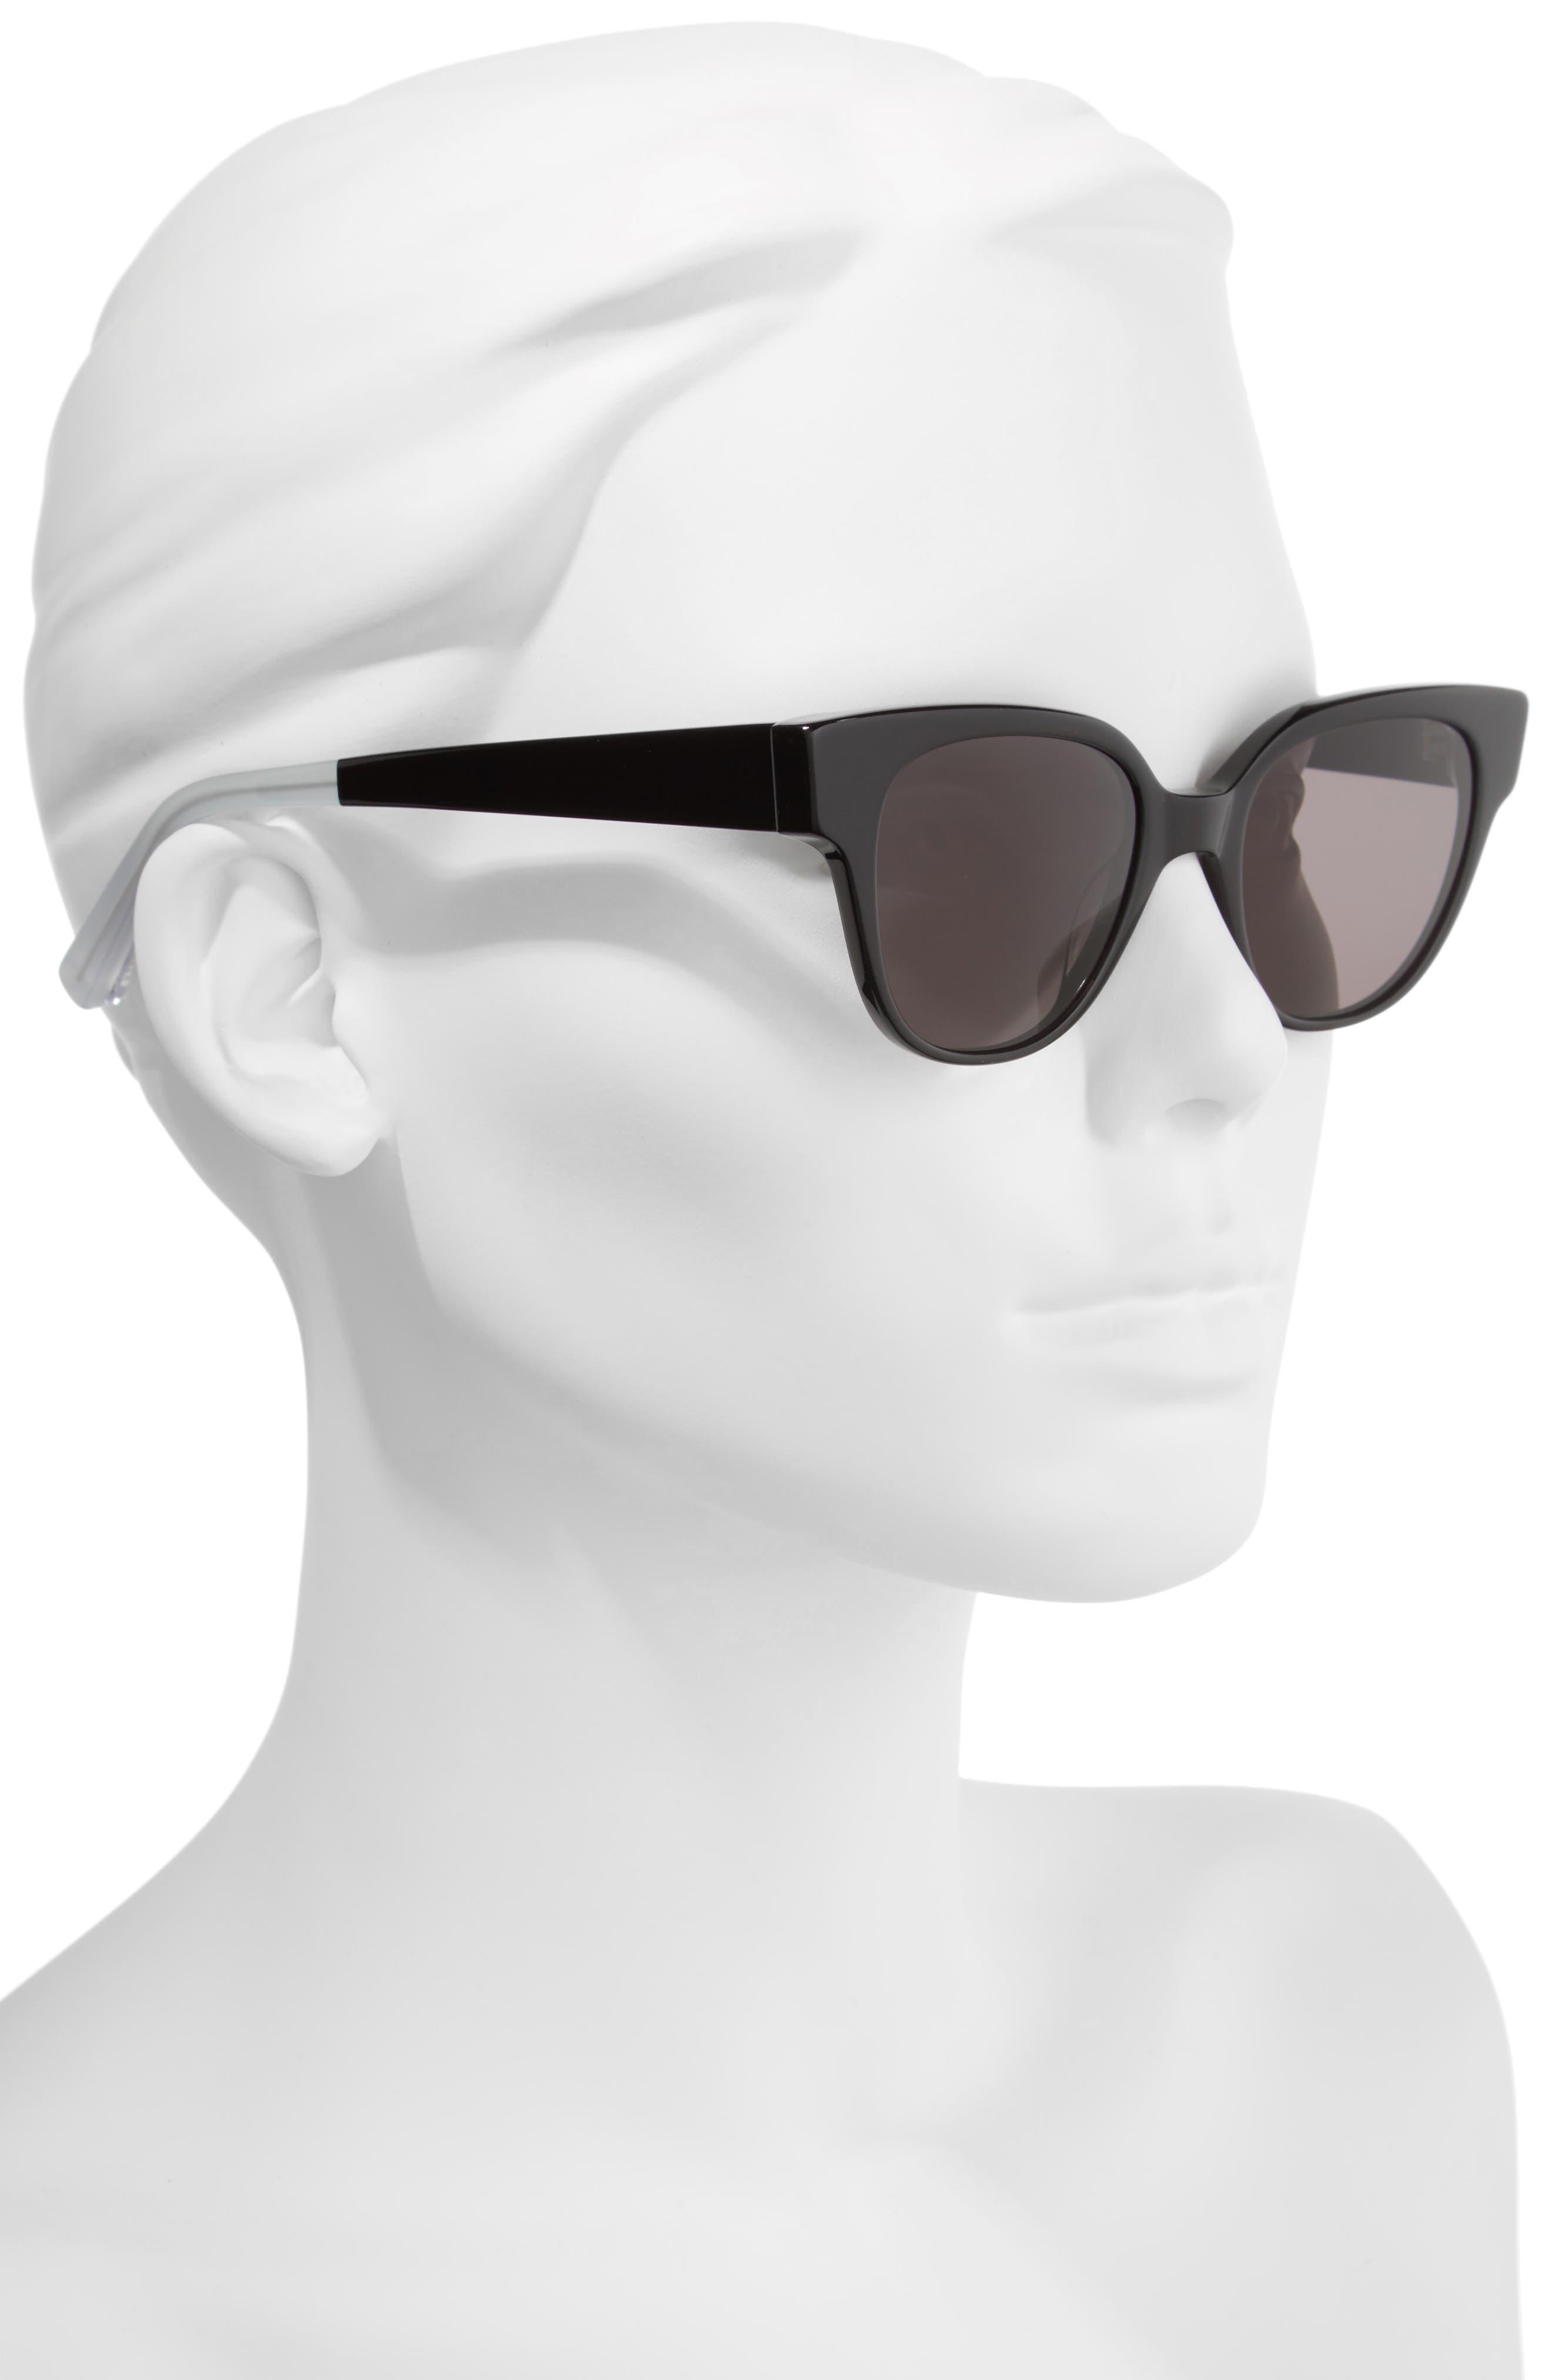 Avory 49mm Cat Eye Sunglasses,                             Alternate thumbnail 3, color,